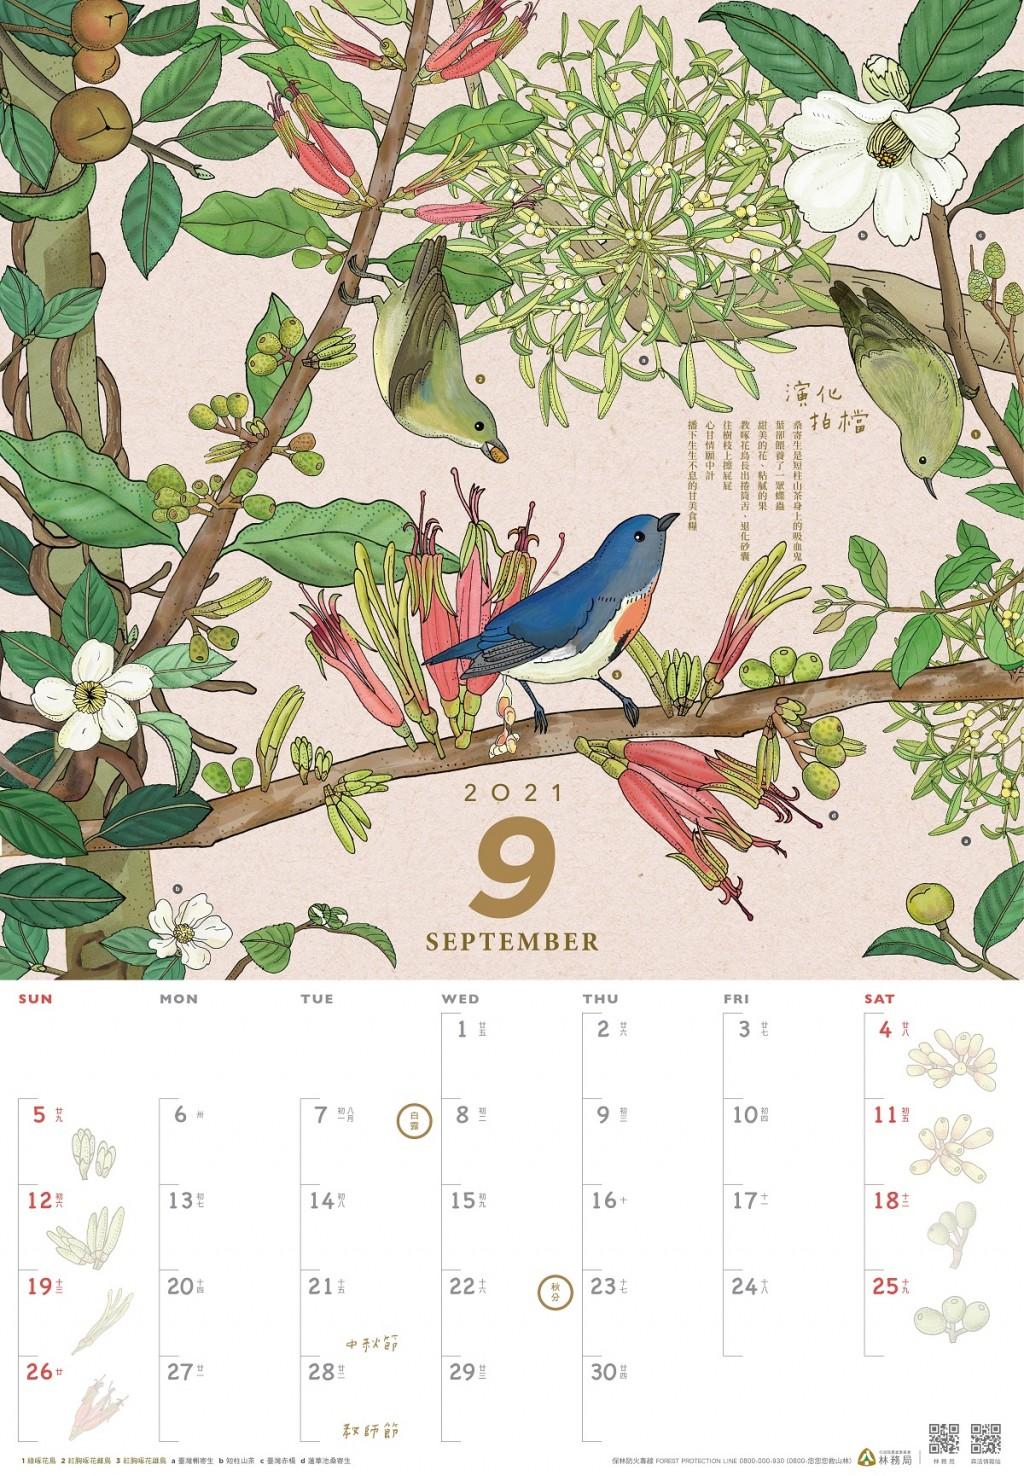 對台灣森林友善 林務局2021年月曆搶先曝光下月開放預購